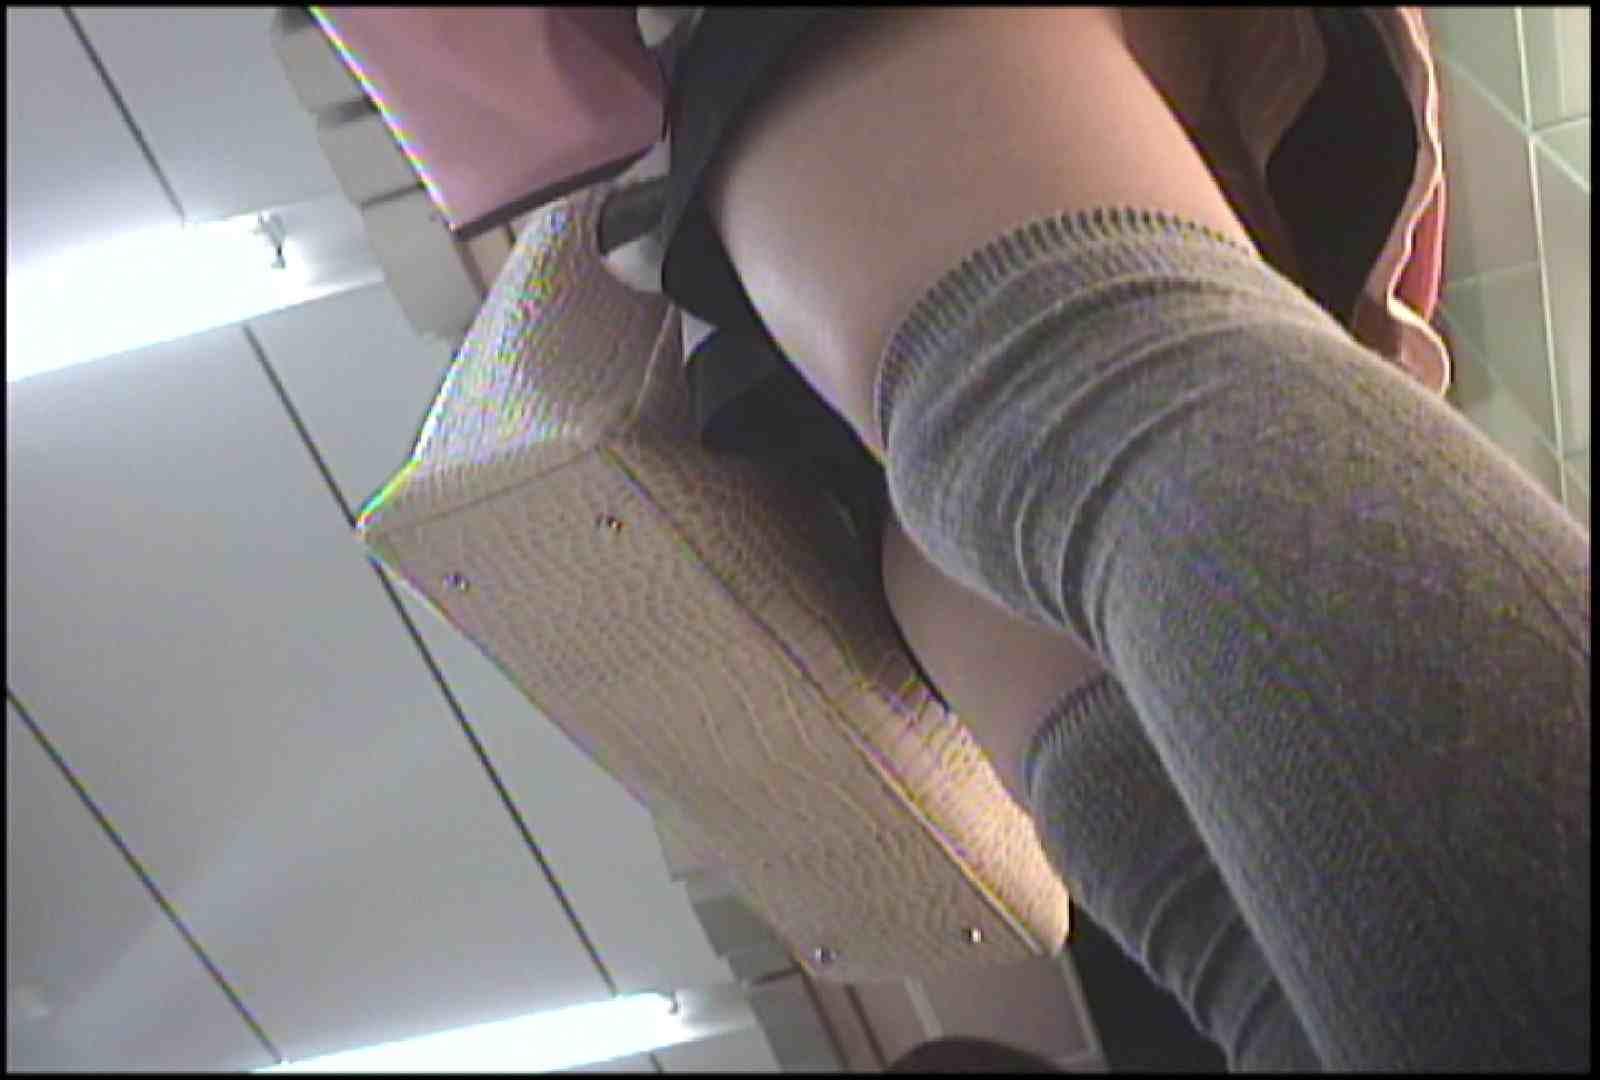 「しん」さんの逆さバイキングVol.1 パンチラ 隠し撮りオマンコ動画紹介 95pic 77